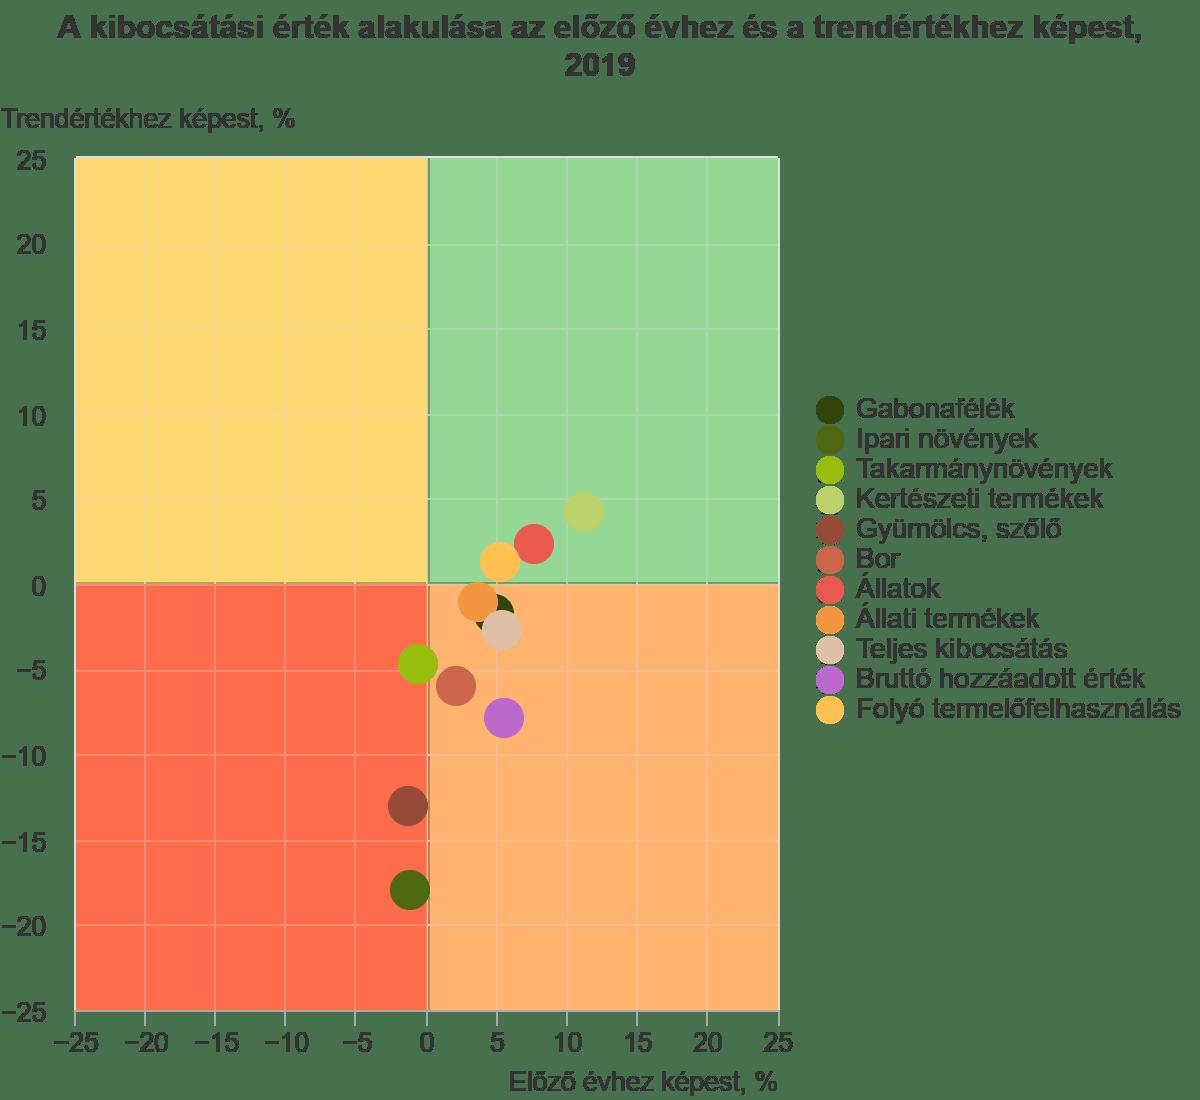 Az ábra vízszintes (x) tengelye a kibocsátási érték előző évihez viszonyított változását, a függőleges (y) tengely pedig a hosszú távú trendtől való eltérést mutatja. A hosszú távú trend meghatározása az elmúlt 10 év lineáris trendfelvételével történt. Ez alapján négy lehetséges pozíciót vehetnek fel a mutatók értékei: trend fölötti és növekszik, trend fölötti és csökken, trend alatti és növekszik, trend alatti és csökken (Forrás: KSH)